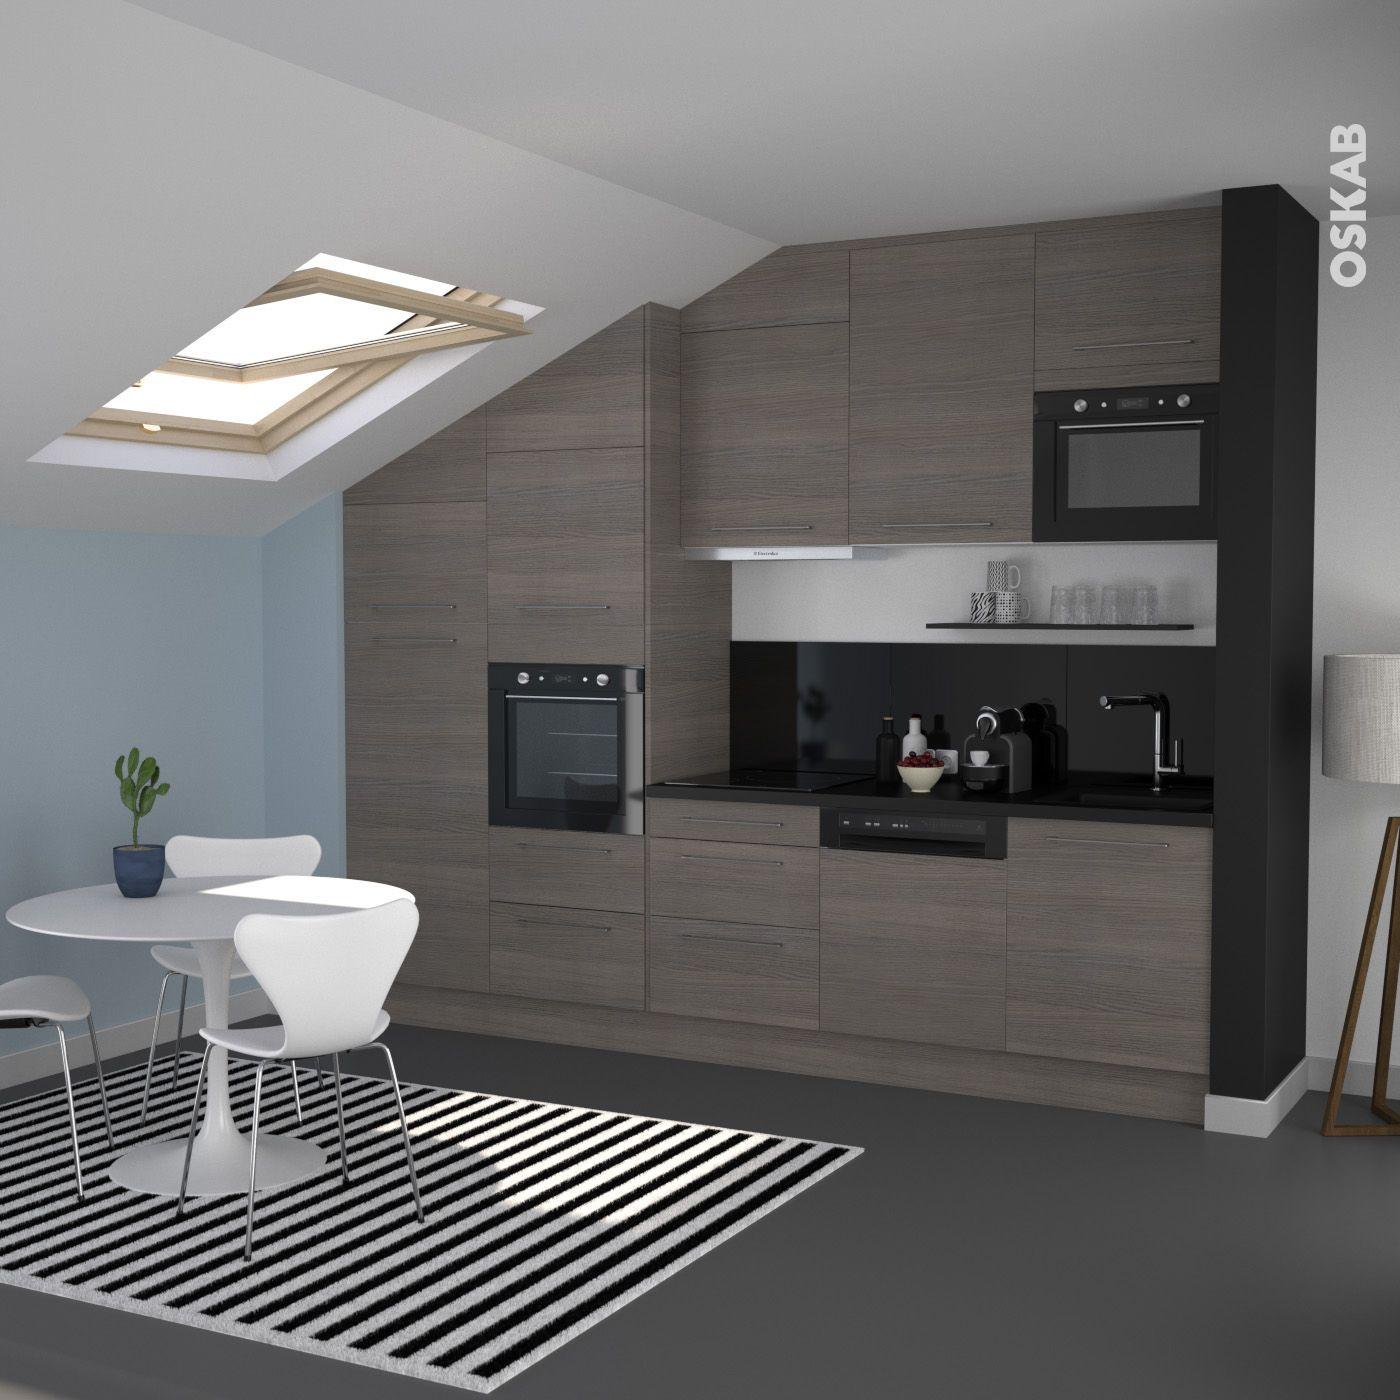 Cuisine ouverte en bois fonc d cor noyer fum implantation en i plan de travail noir mat - Credence cuisine noir et blanc ...